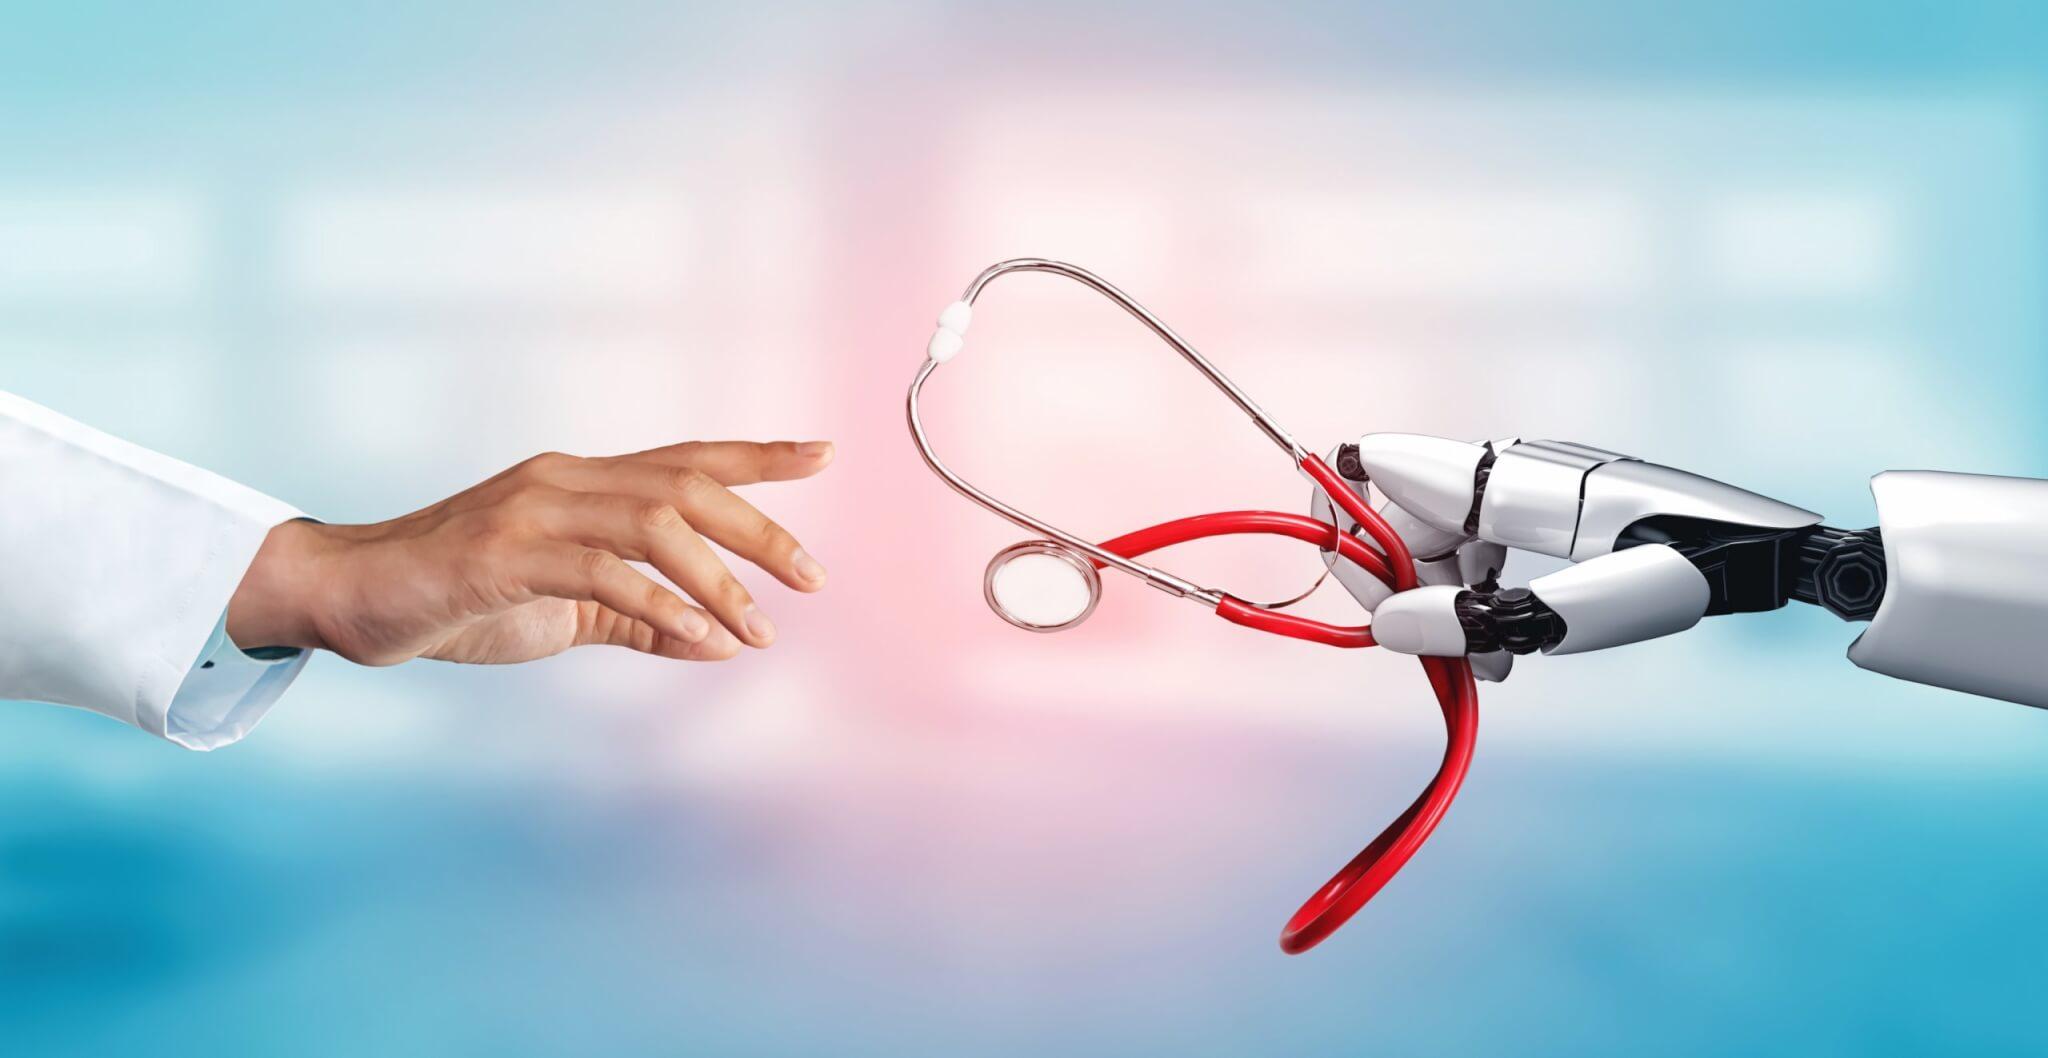 artificial inteeligence medical education